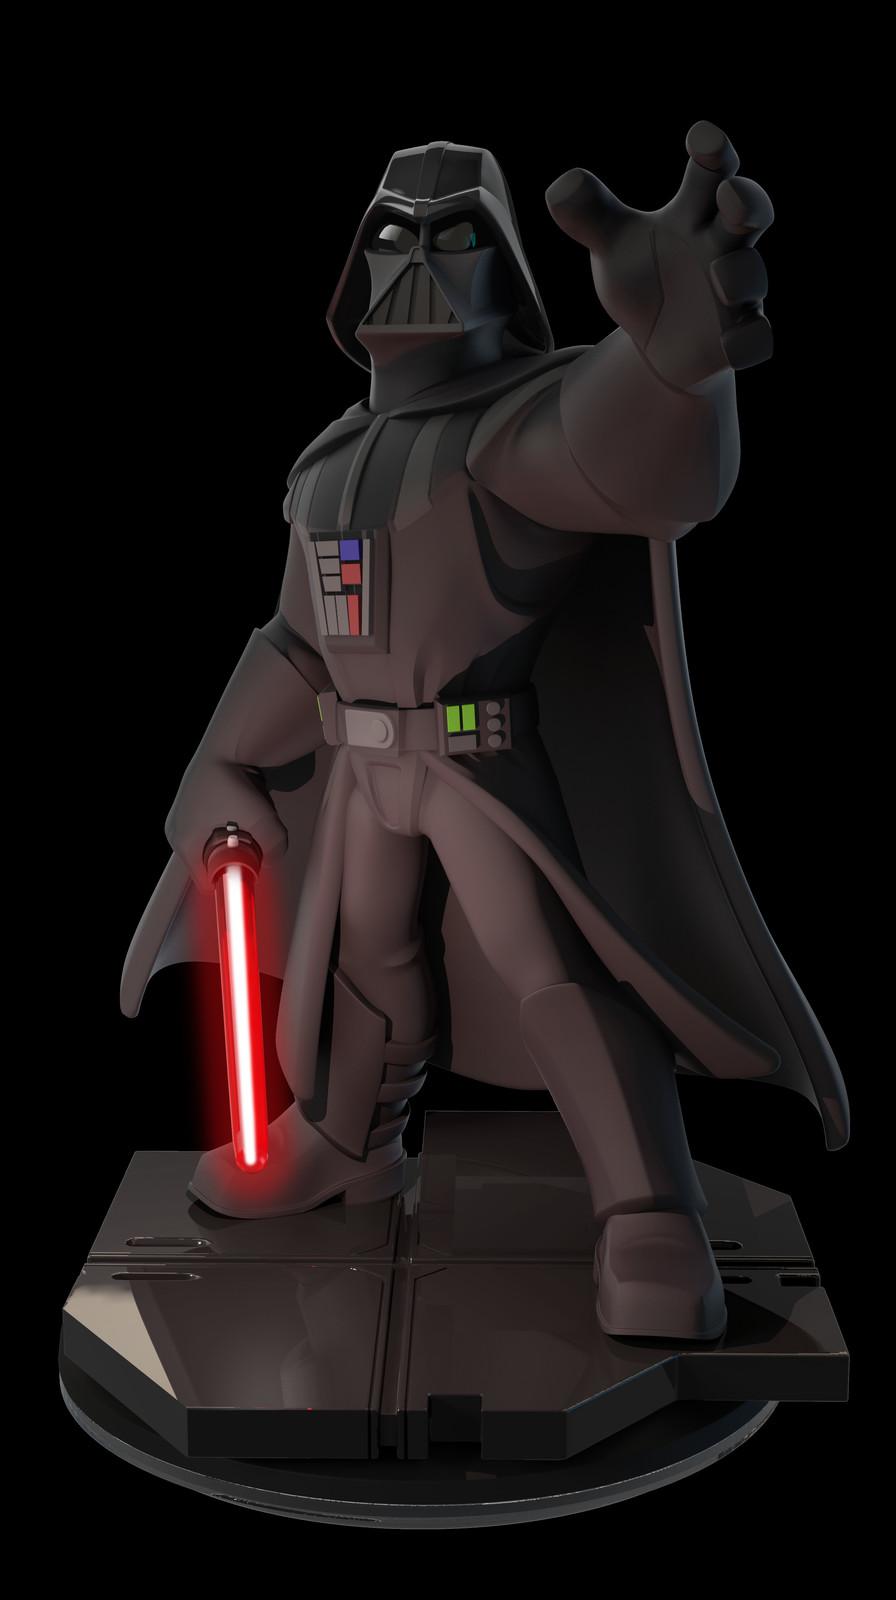 Disney Infinity Darth Vader Exclusive Lightup by BAllen